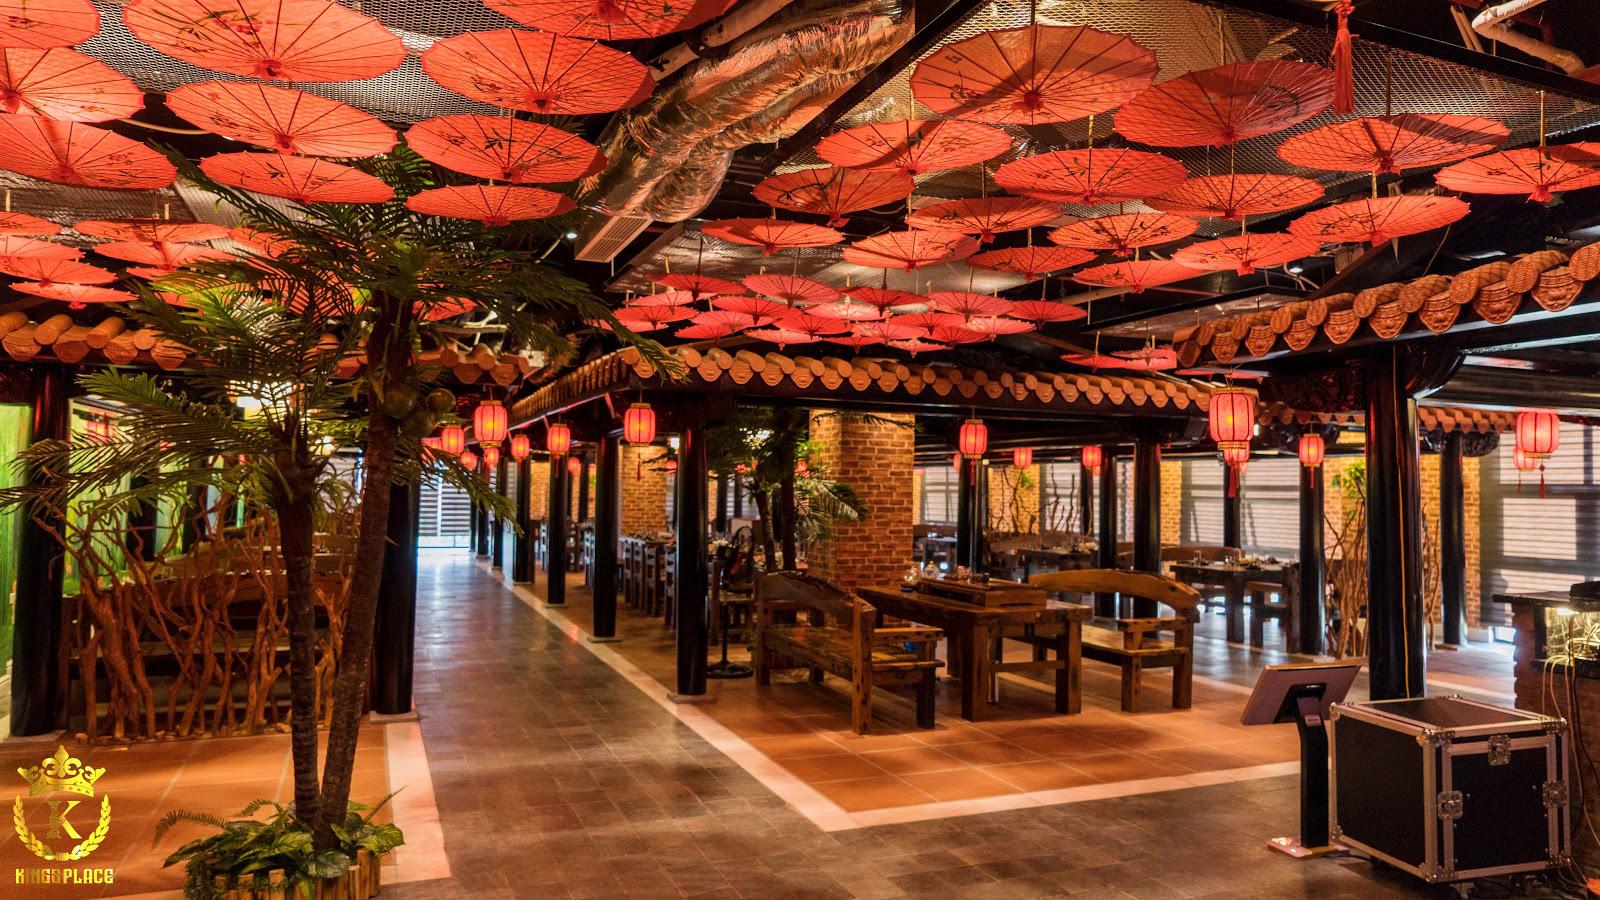 Trung tâm tổ chức sự kiện Kings Place Thanh Hóa có gì mà hút khách? - Ảnh 2.